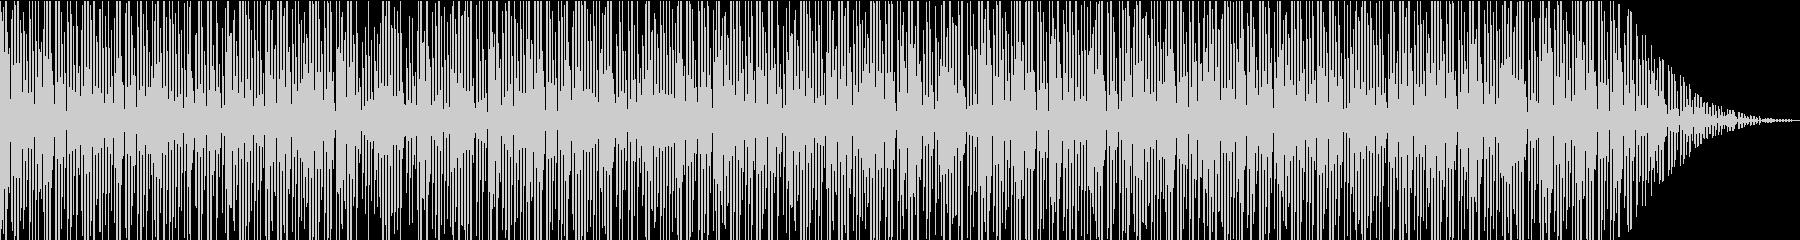 アルペジオでえ構成したピアノソロ作品の未再生の波形